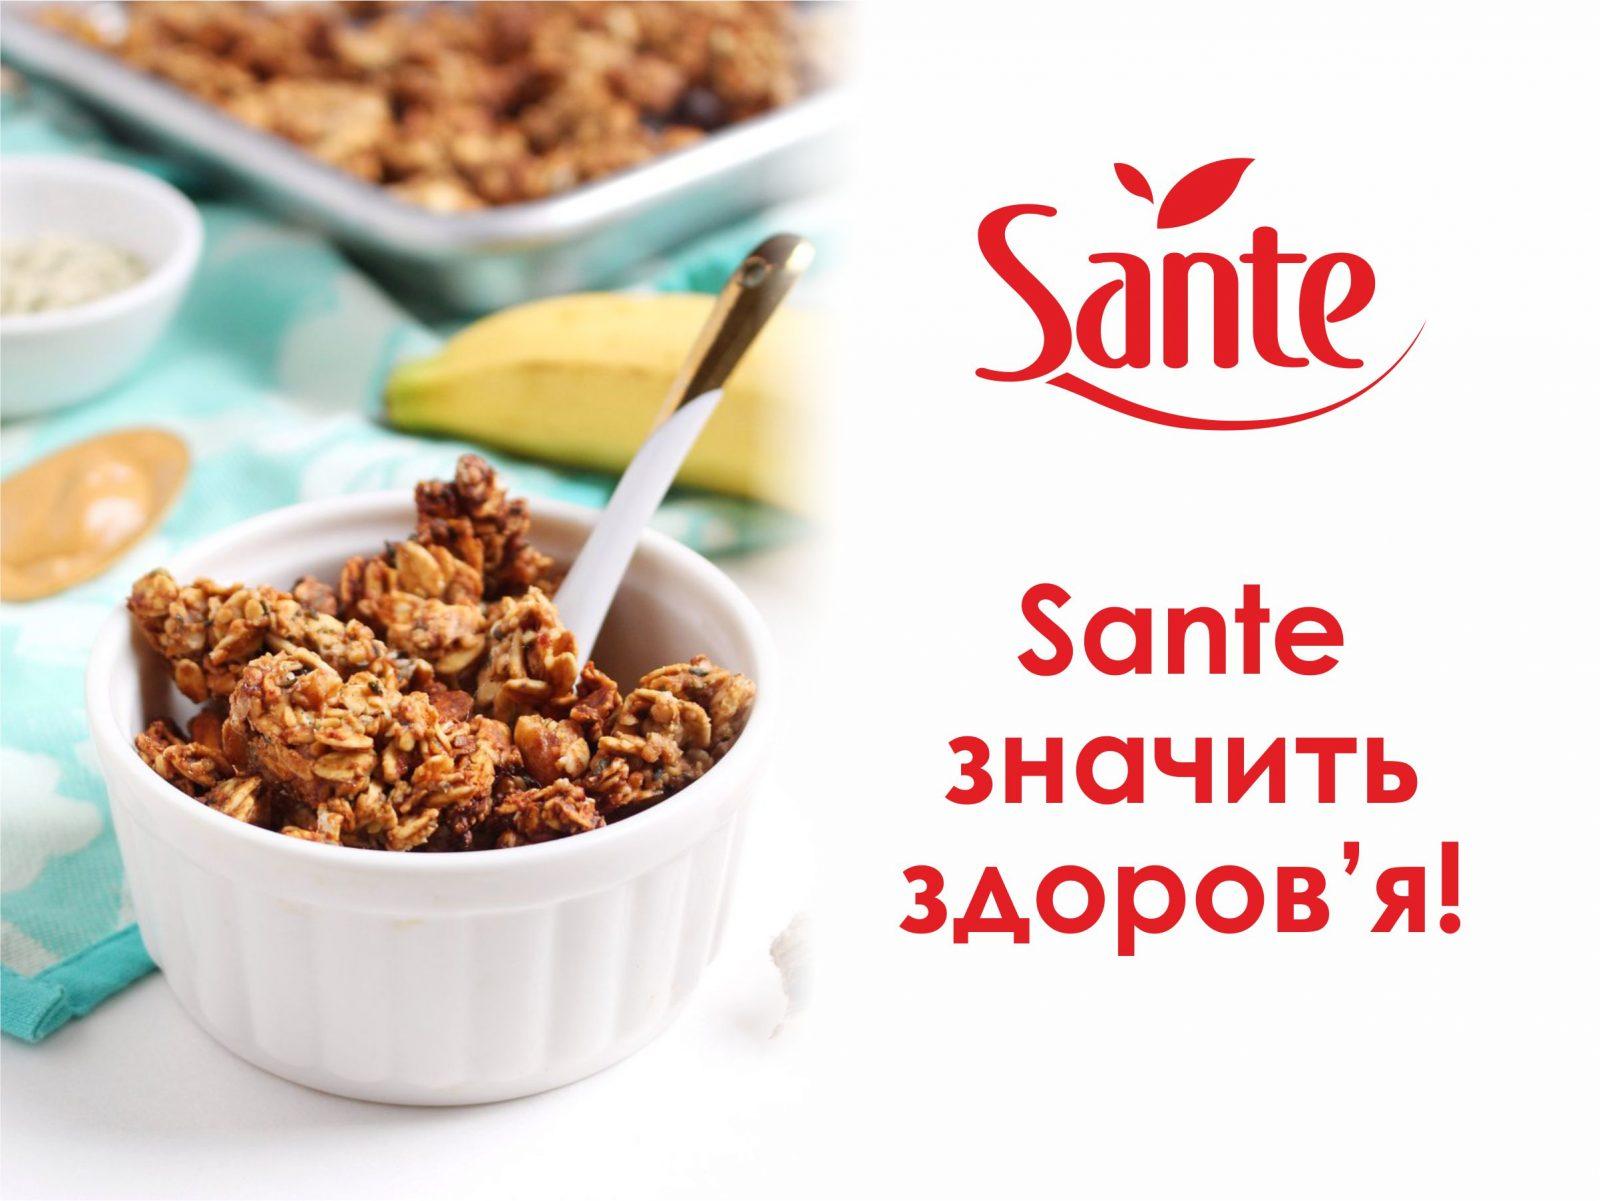 Польський бренд здорового харчування «Sante» приєднується до цьогорічного «Пробігу під каштанами»